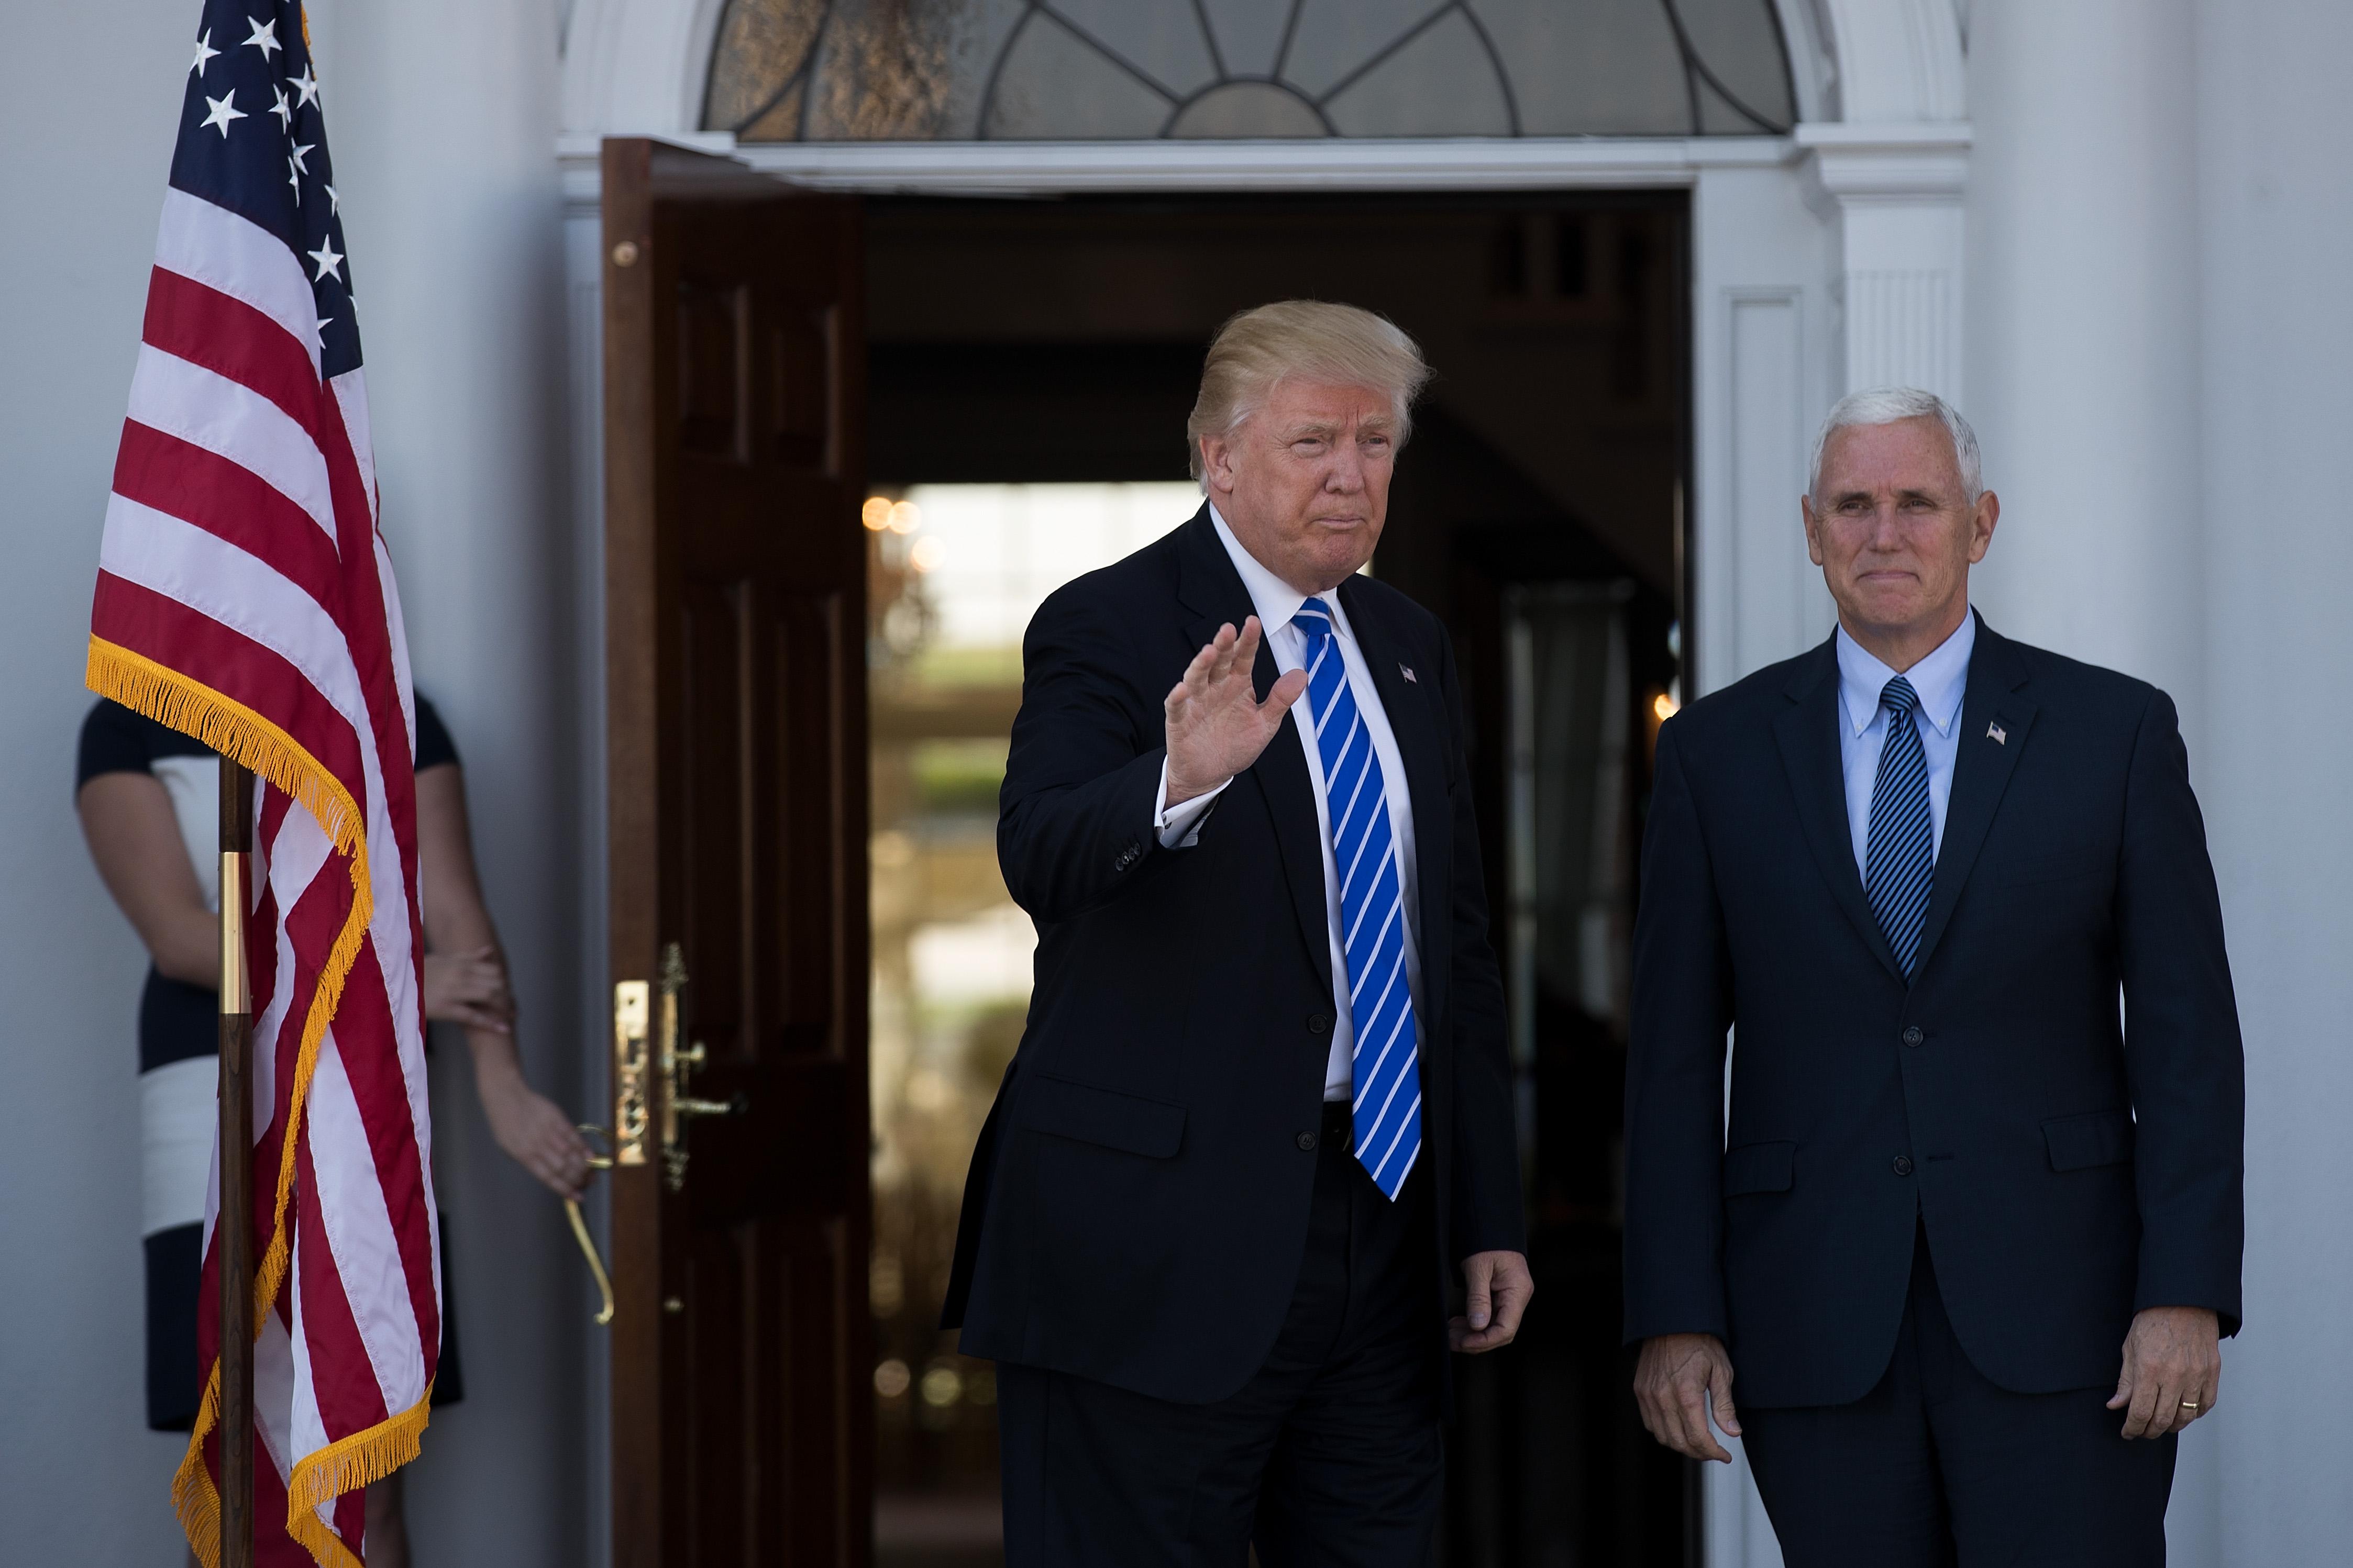 Al advertir la presencia de Pence, los actores leyeron un comunicado contra las políticas de Trump. (Fuente: AFP)